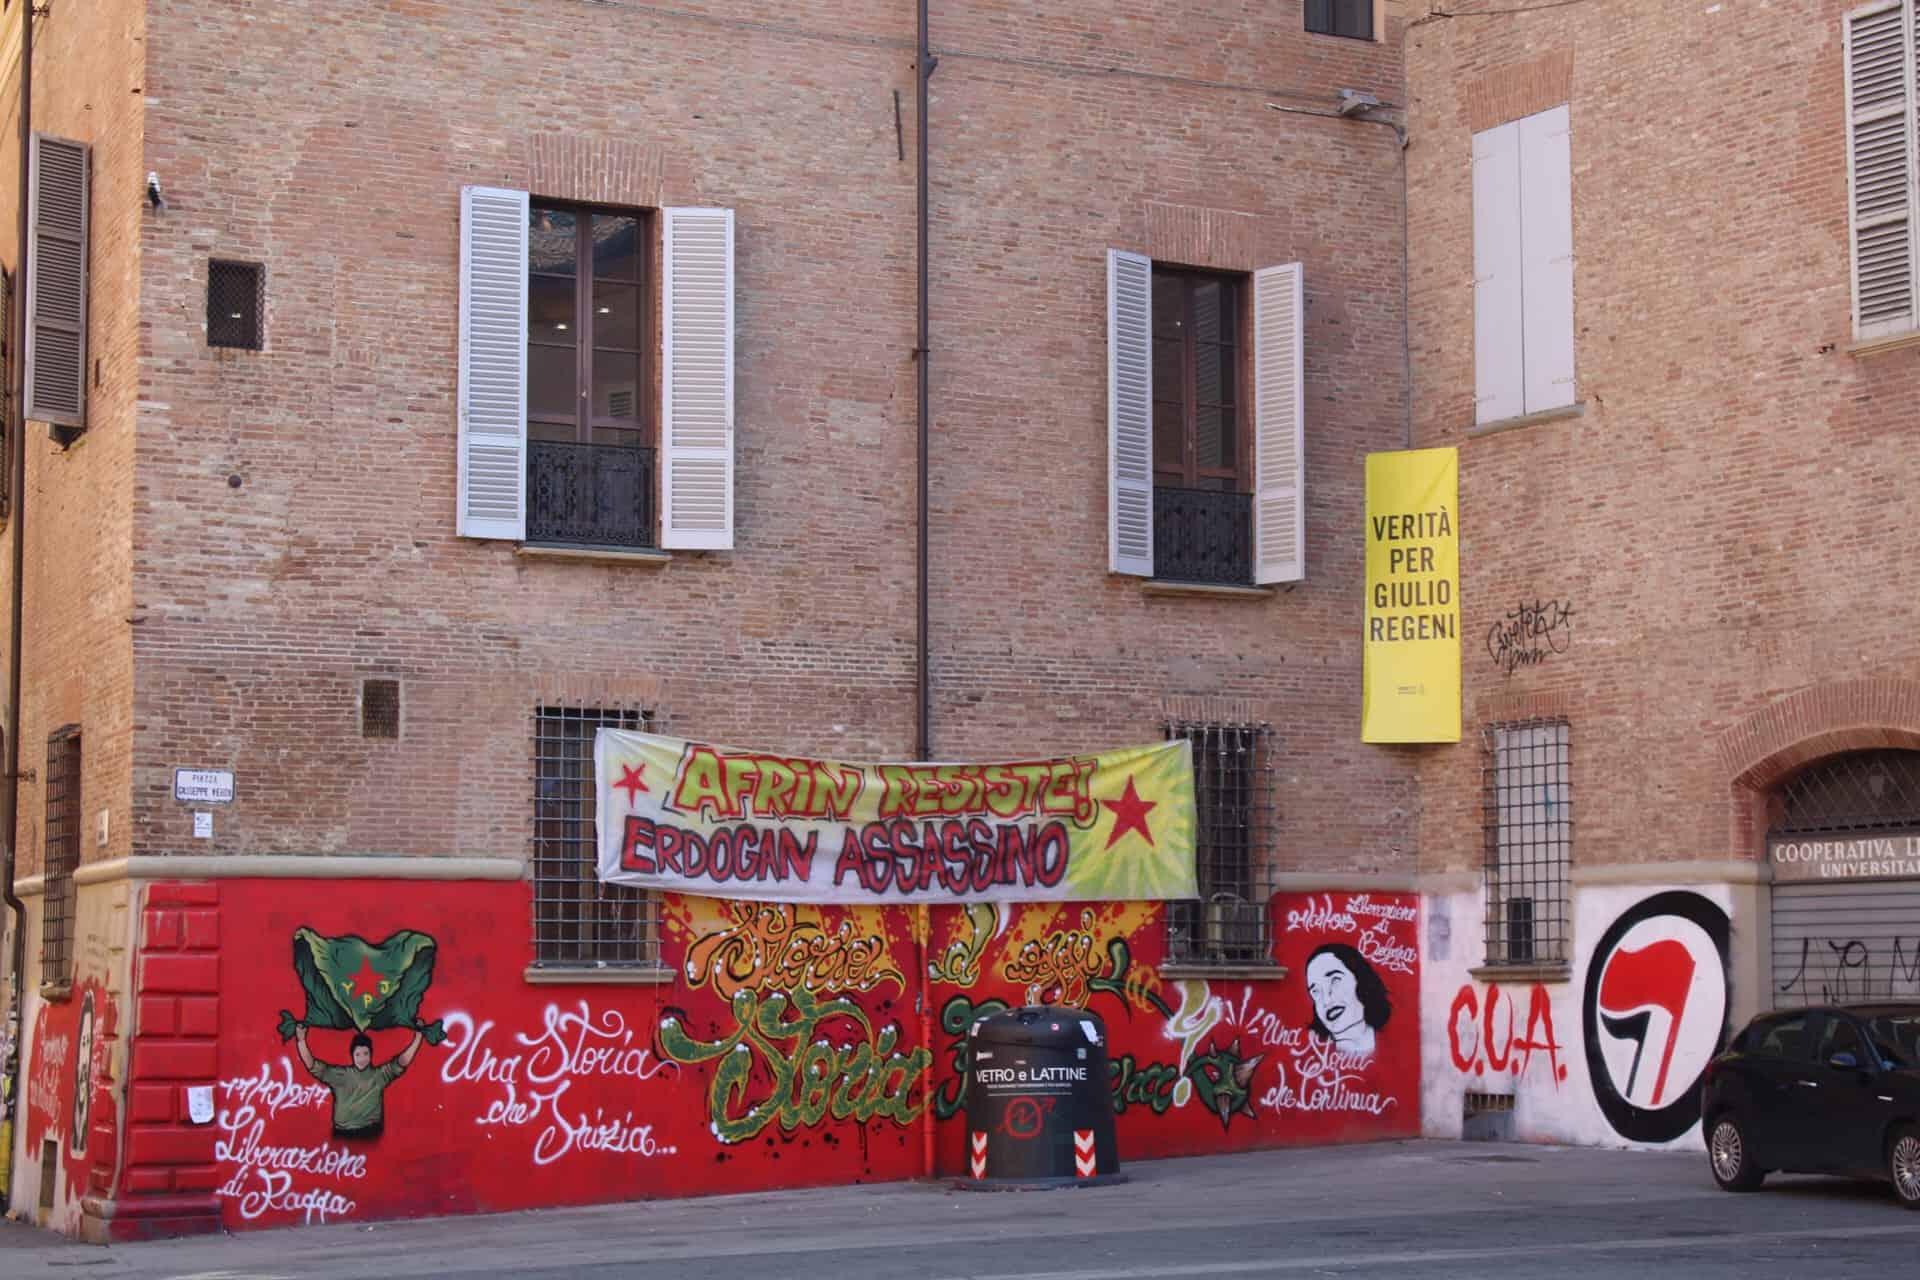 Faixas de protesto expostas em Bolonha